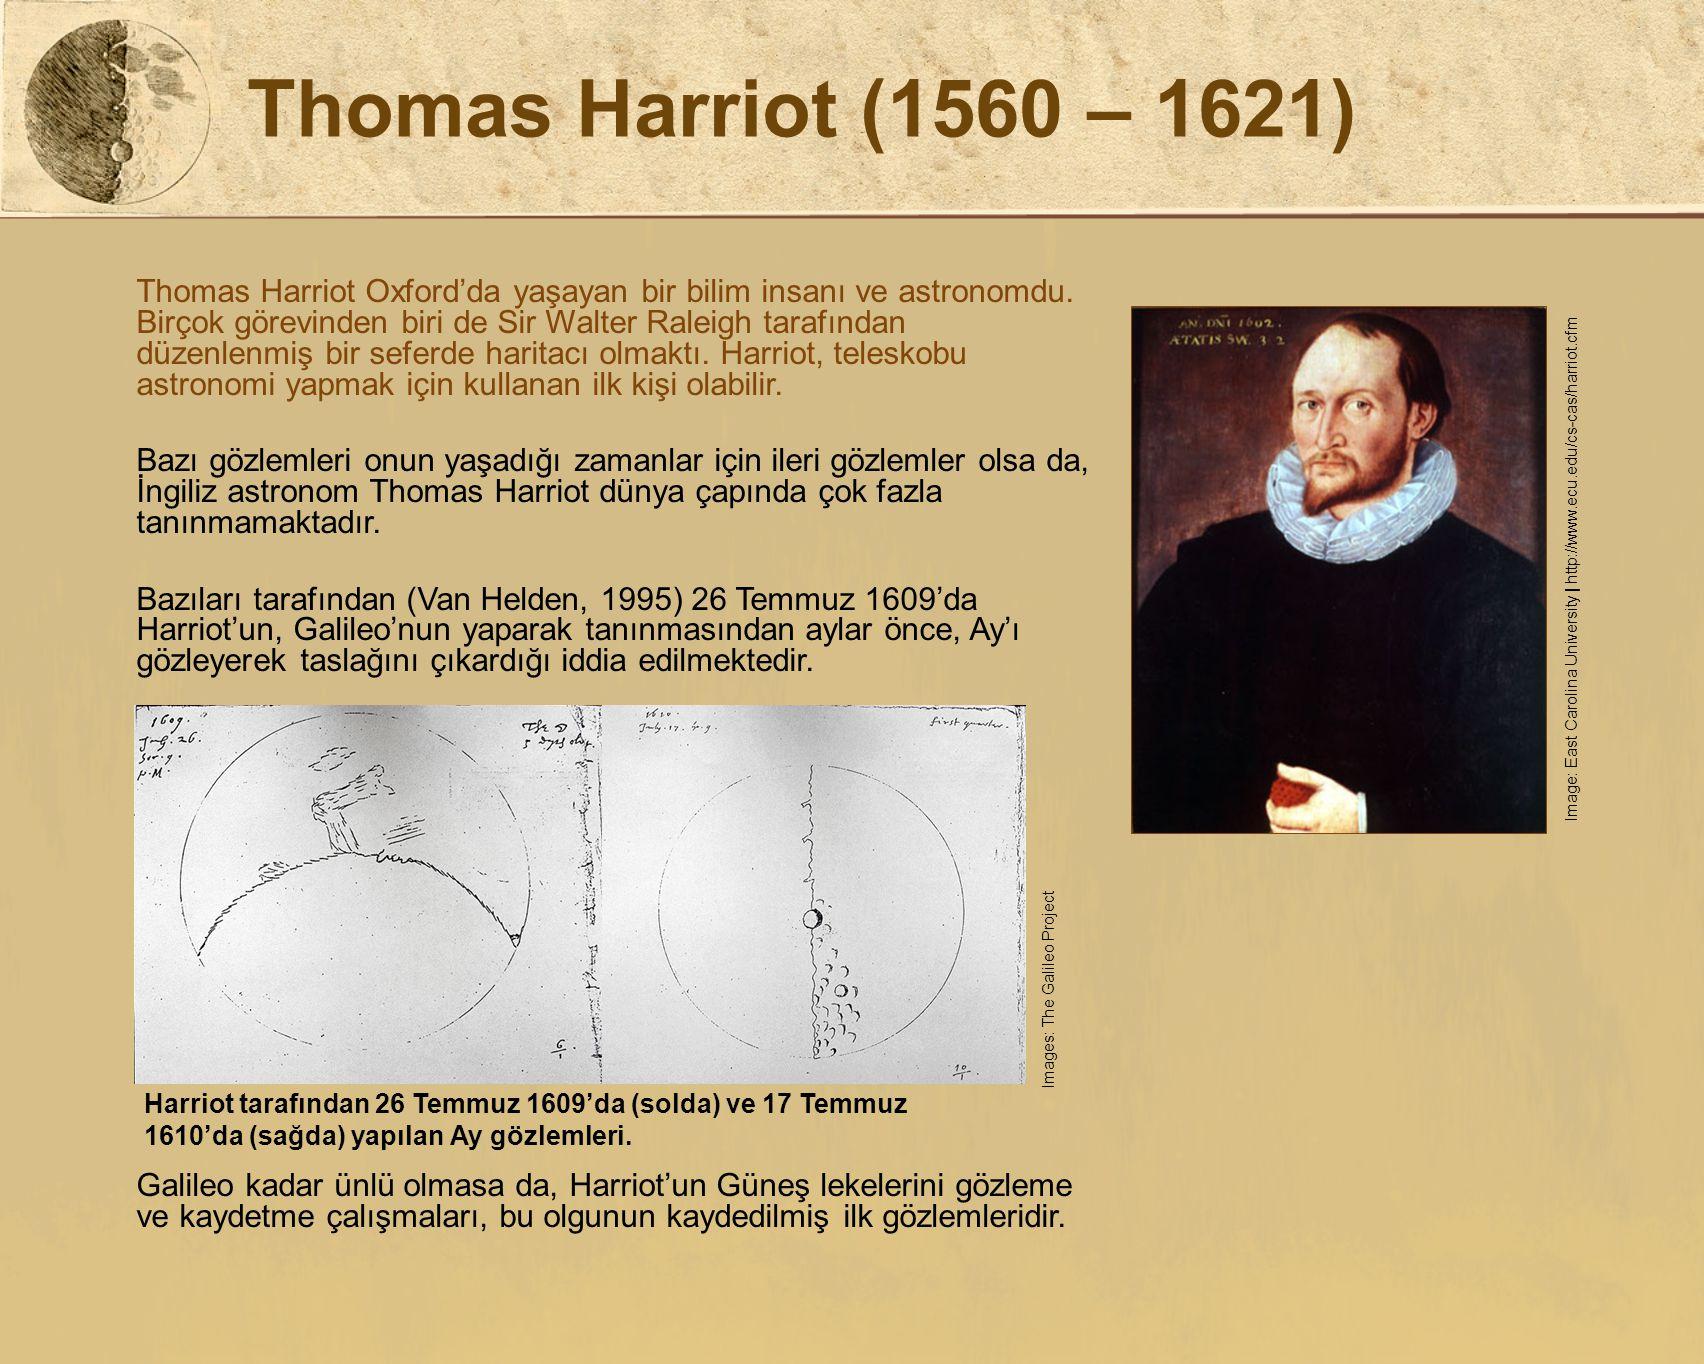 Thomas Harriot (1560 – 1621) Thomas Harriot Oxford'da yaşayan bir bilim insanı ve astronomdu. Birçok görevinden biri de Sir Walter Raleigh tarafından